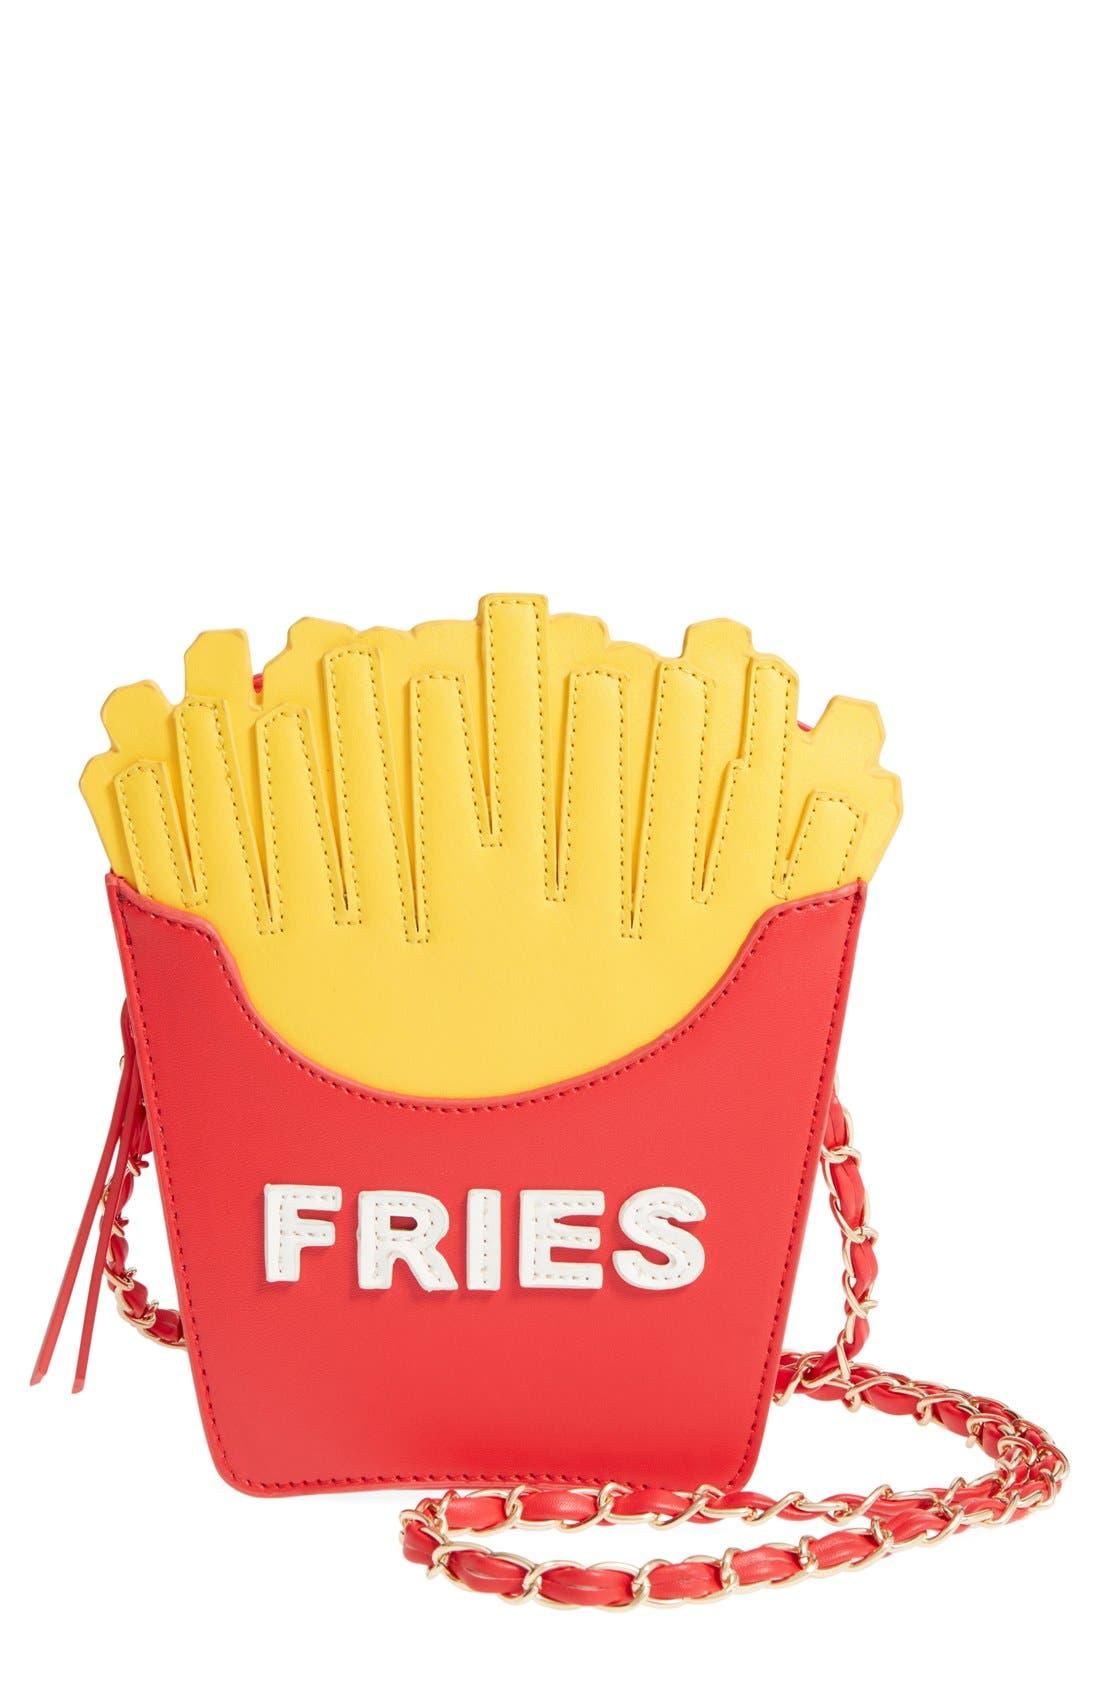 Alternate Image 1 Selected - Nila Anthony 'Fries' Crossbody Bag